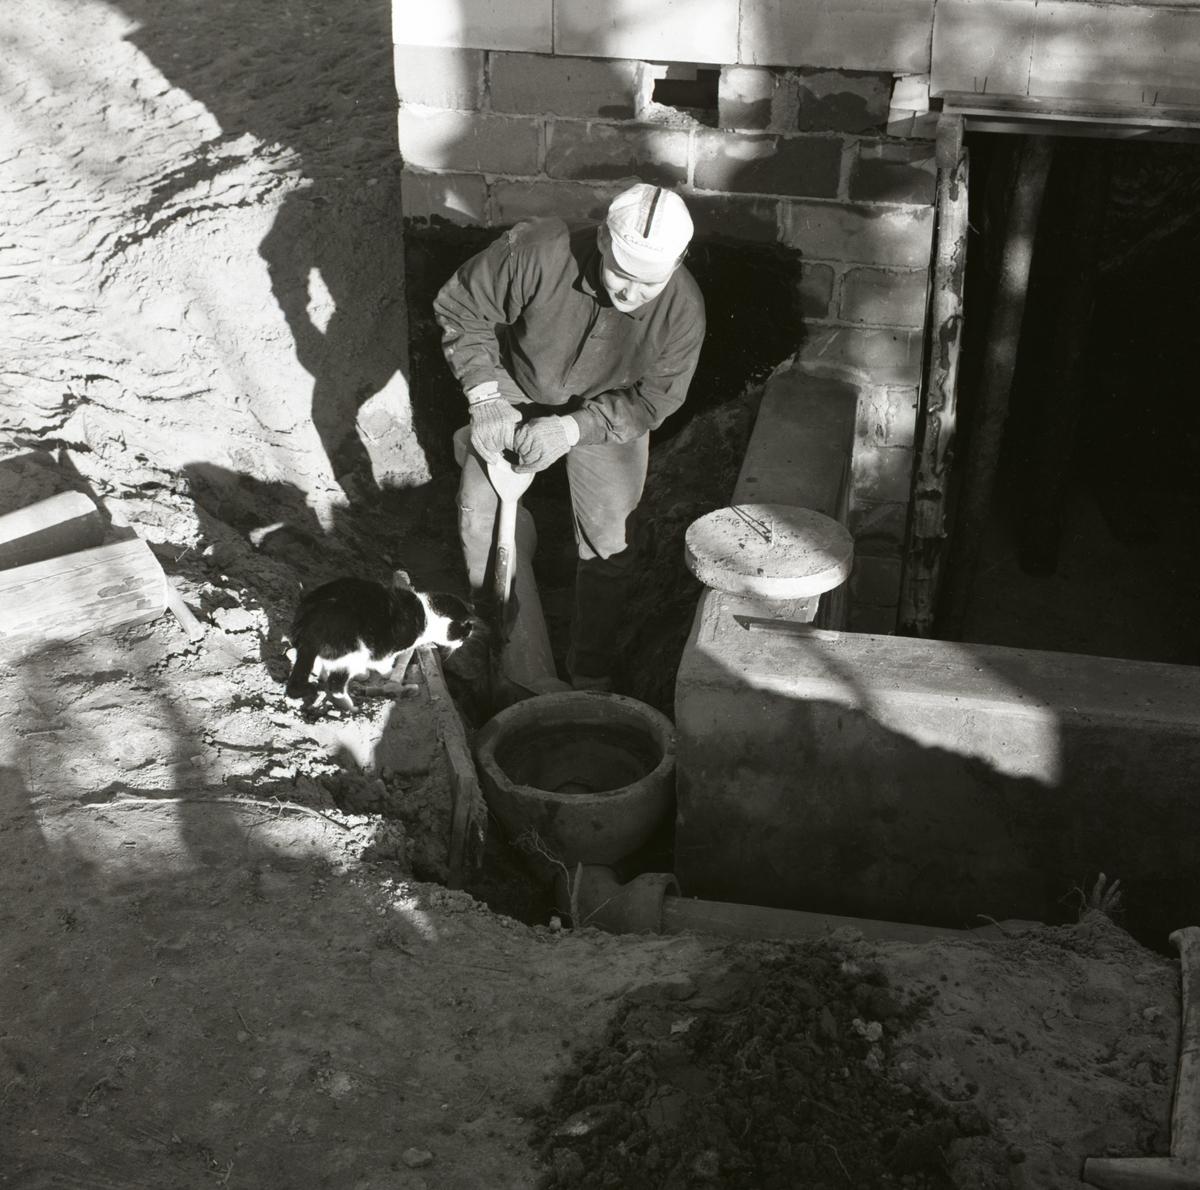 En man arbetar med avloppsrör och en katt tittar nyfiket på vid gården Sunnanåker, 1967.